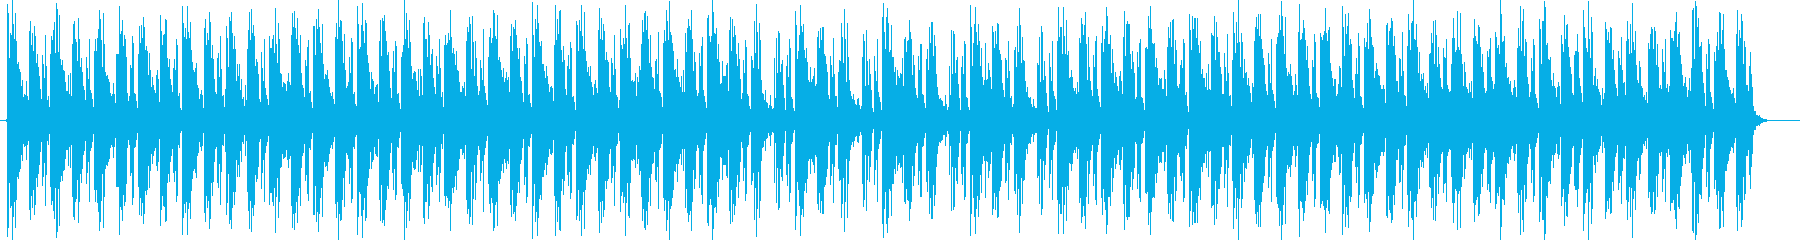 疾走感とワクワク感シンセサイザーテクノの再生済みの波形